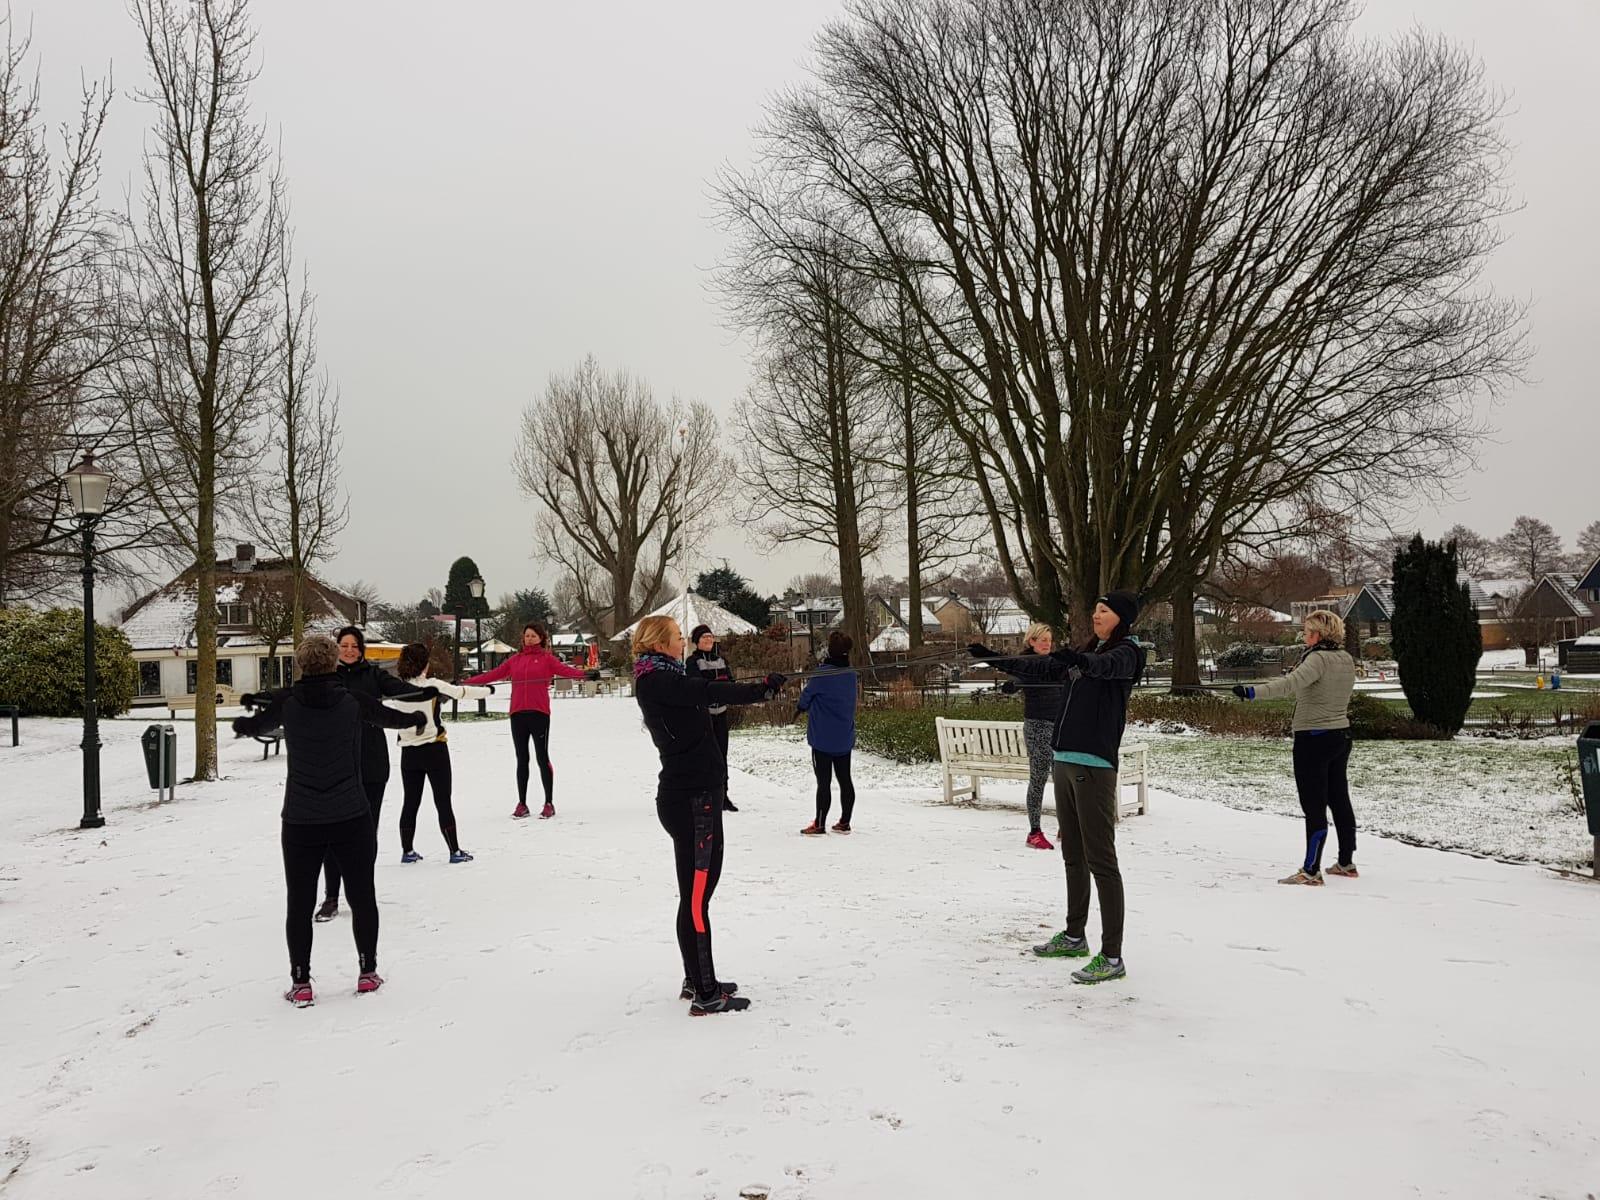 wandelbootcamp in de sneeuw